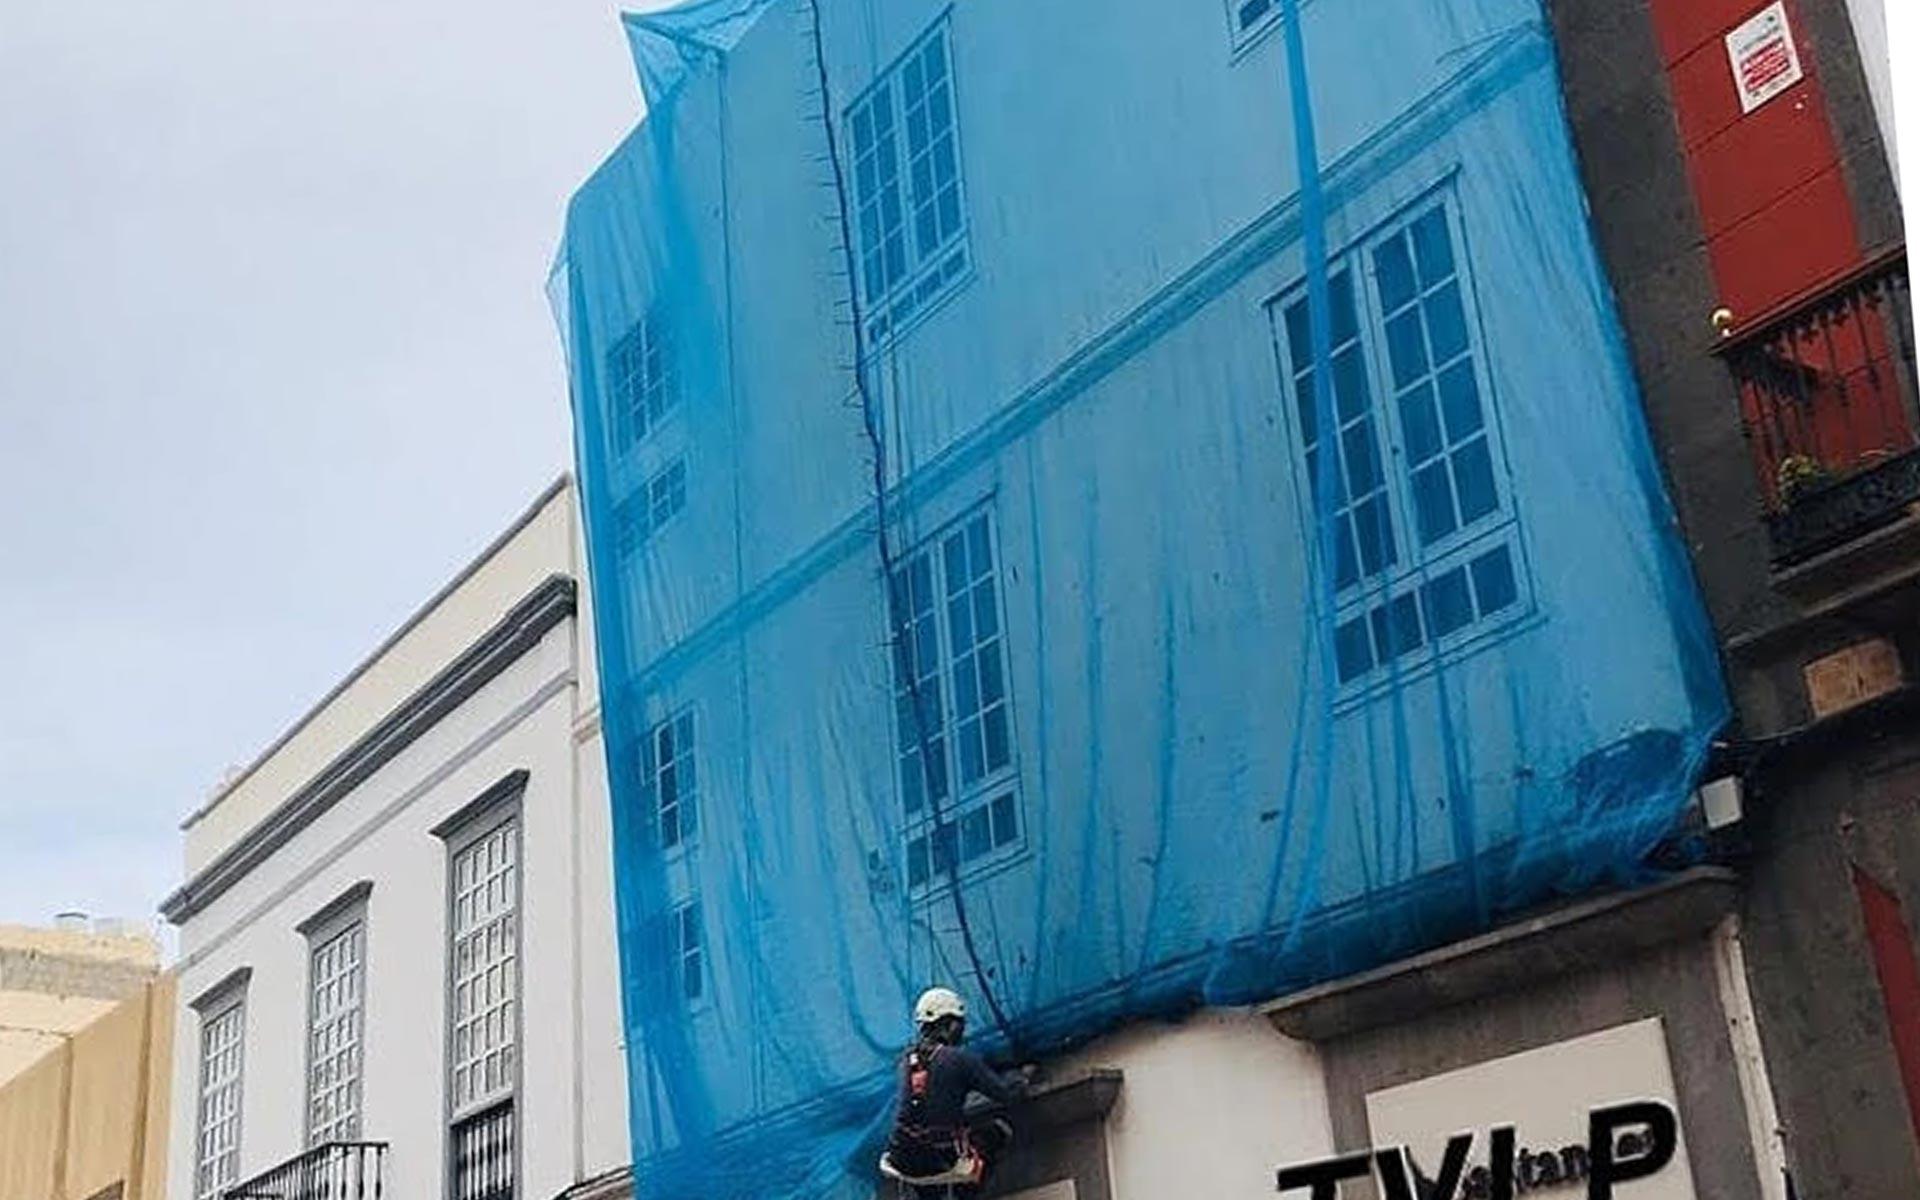 Instalación y mantenimiento de redes anticascotes. Obra vertical, trabajos verticales en Las Palmas